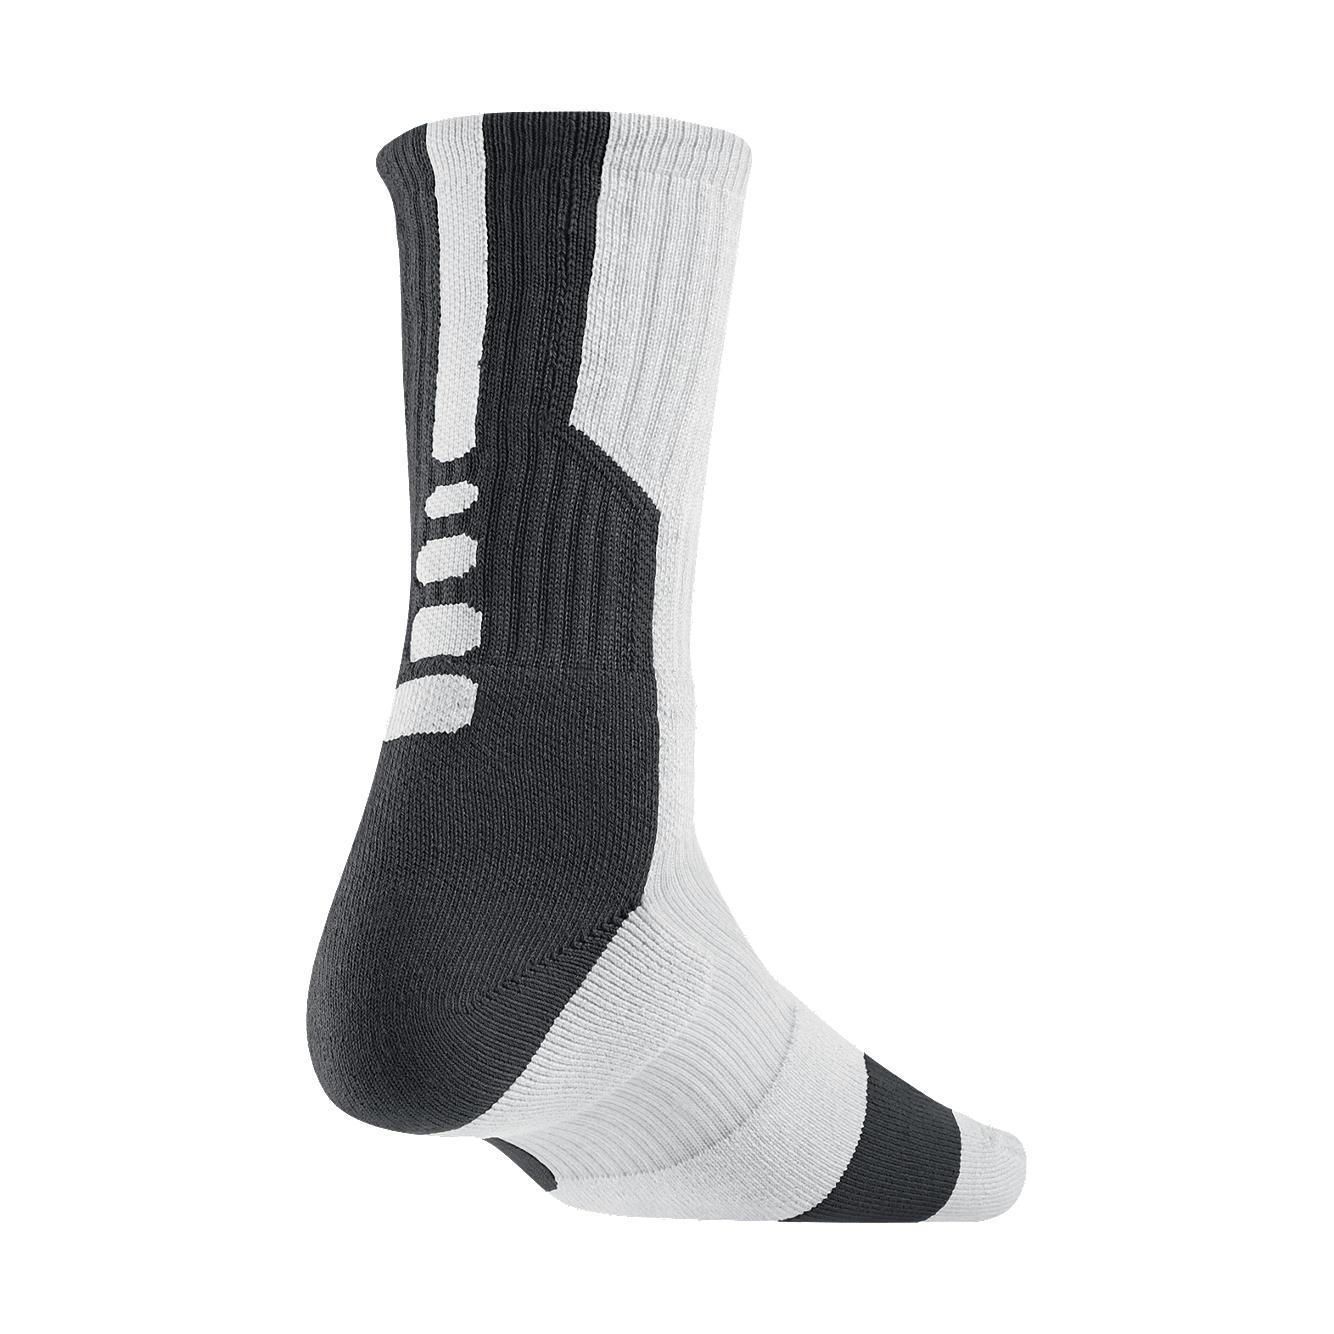 nike niños calcetines rojos de élite - Santillana ... 4205df8e02a